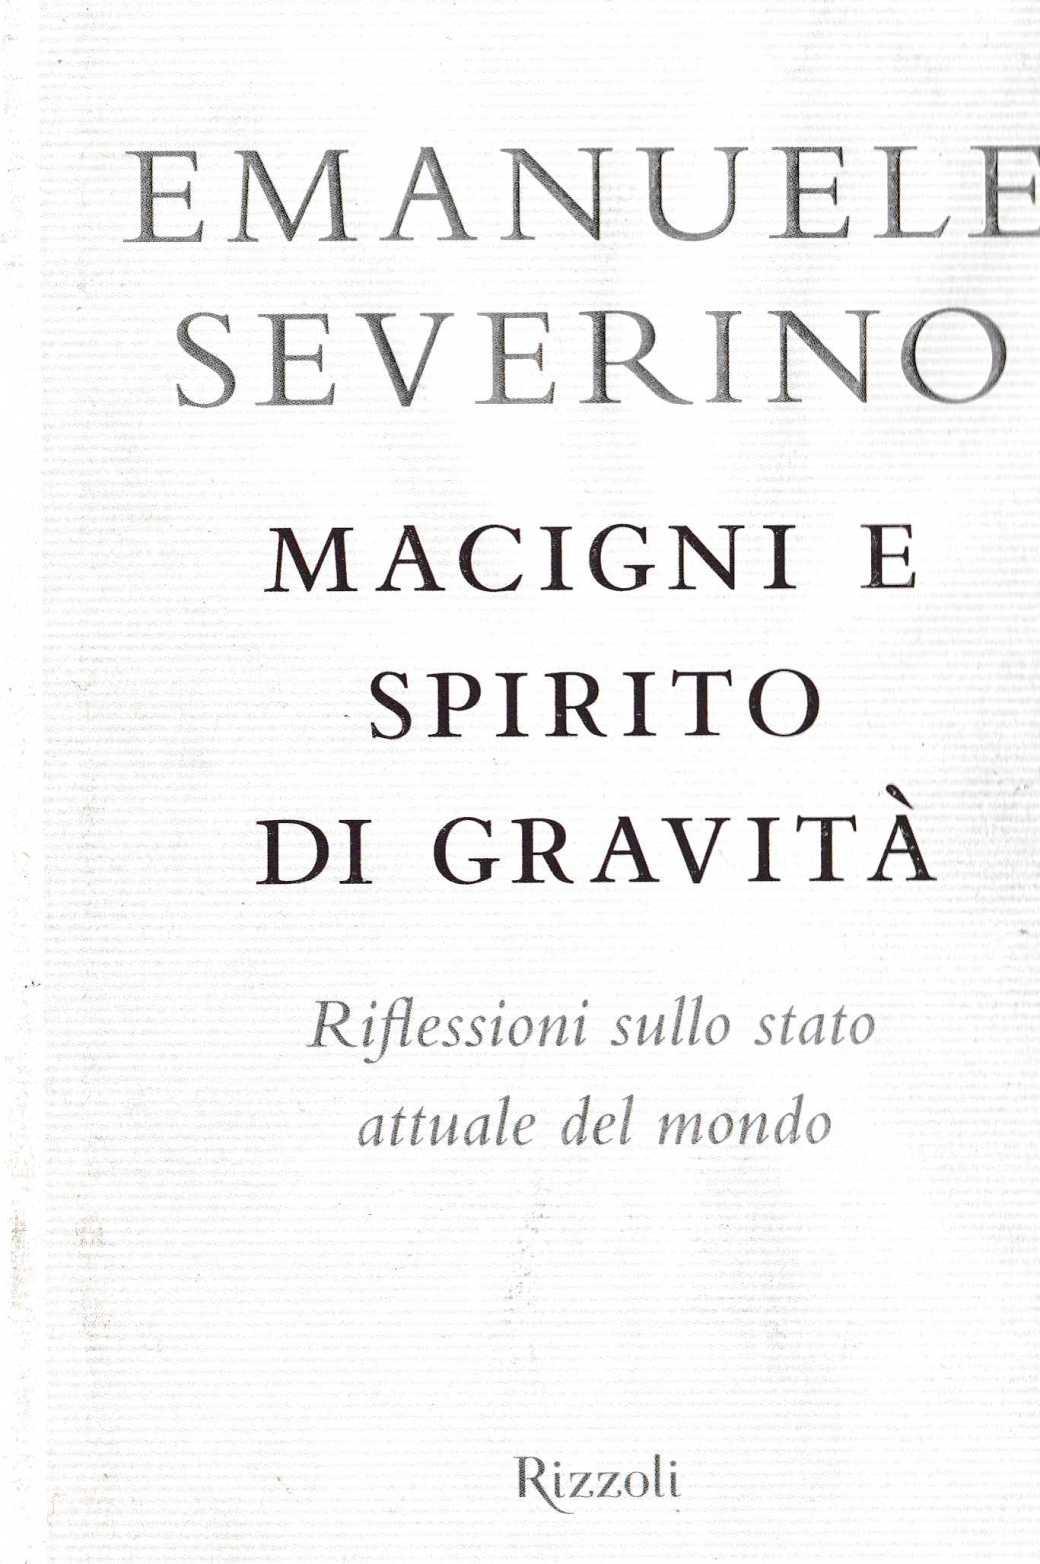 macigni4477